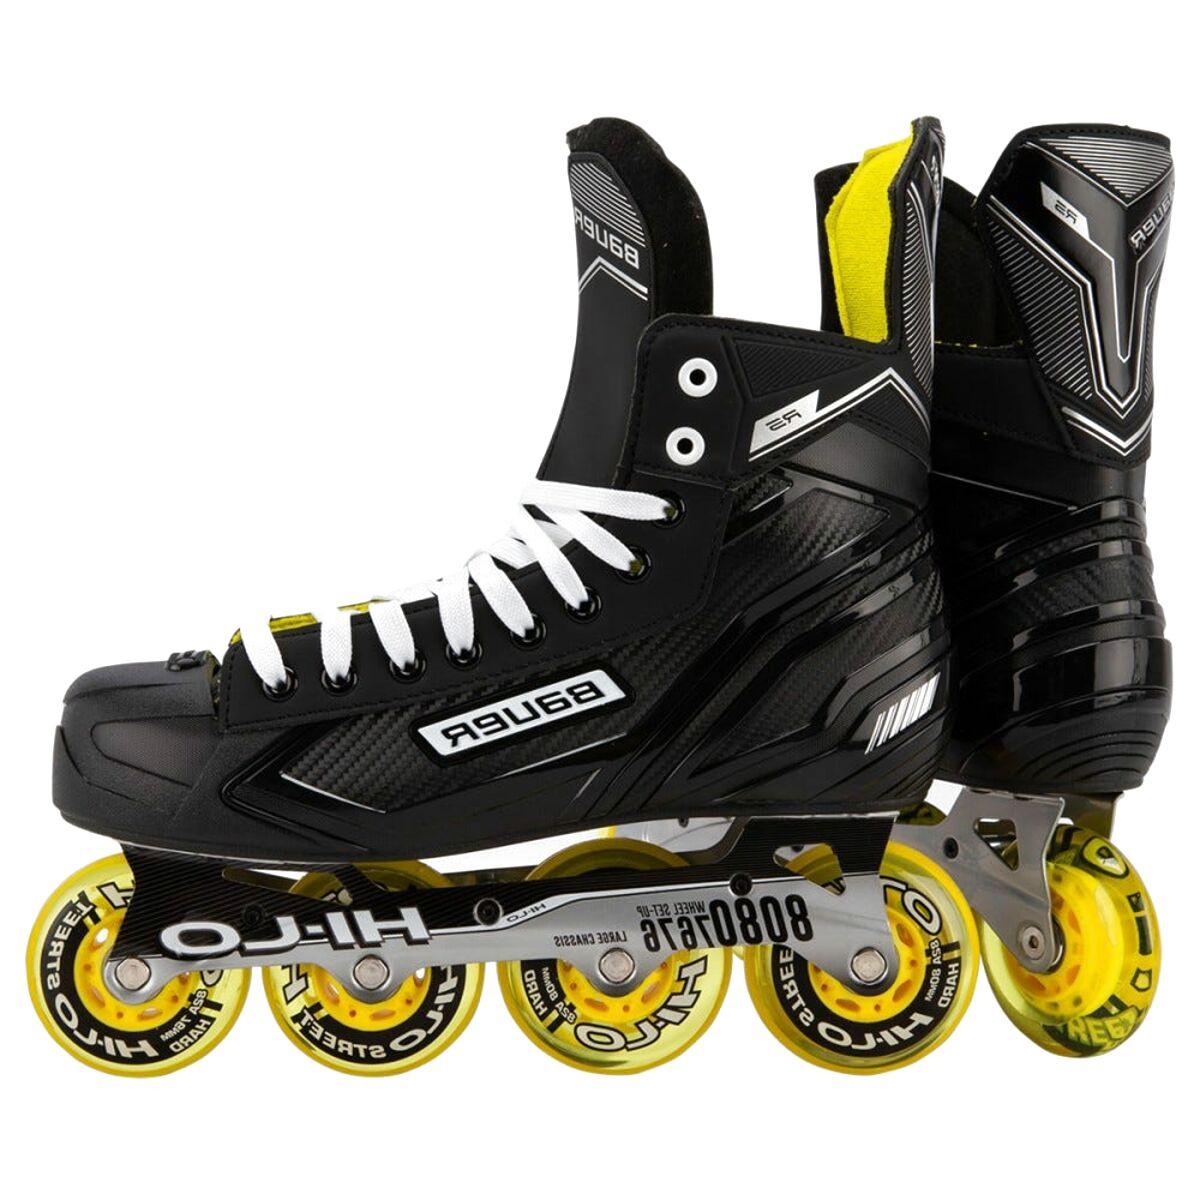 roller hockey skates for sale